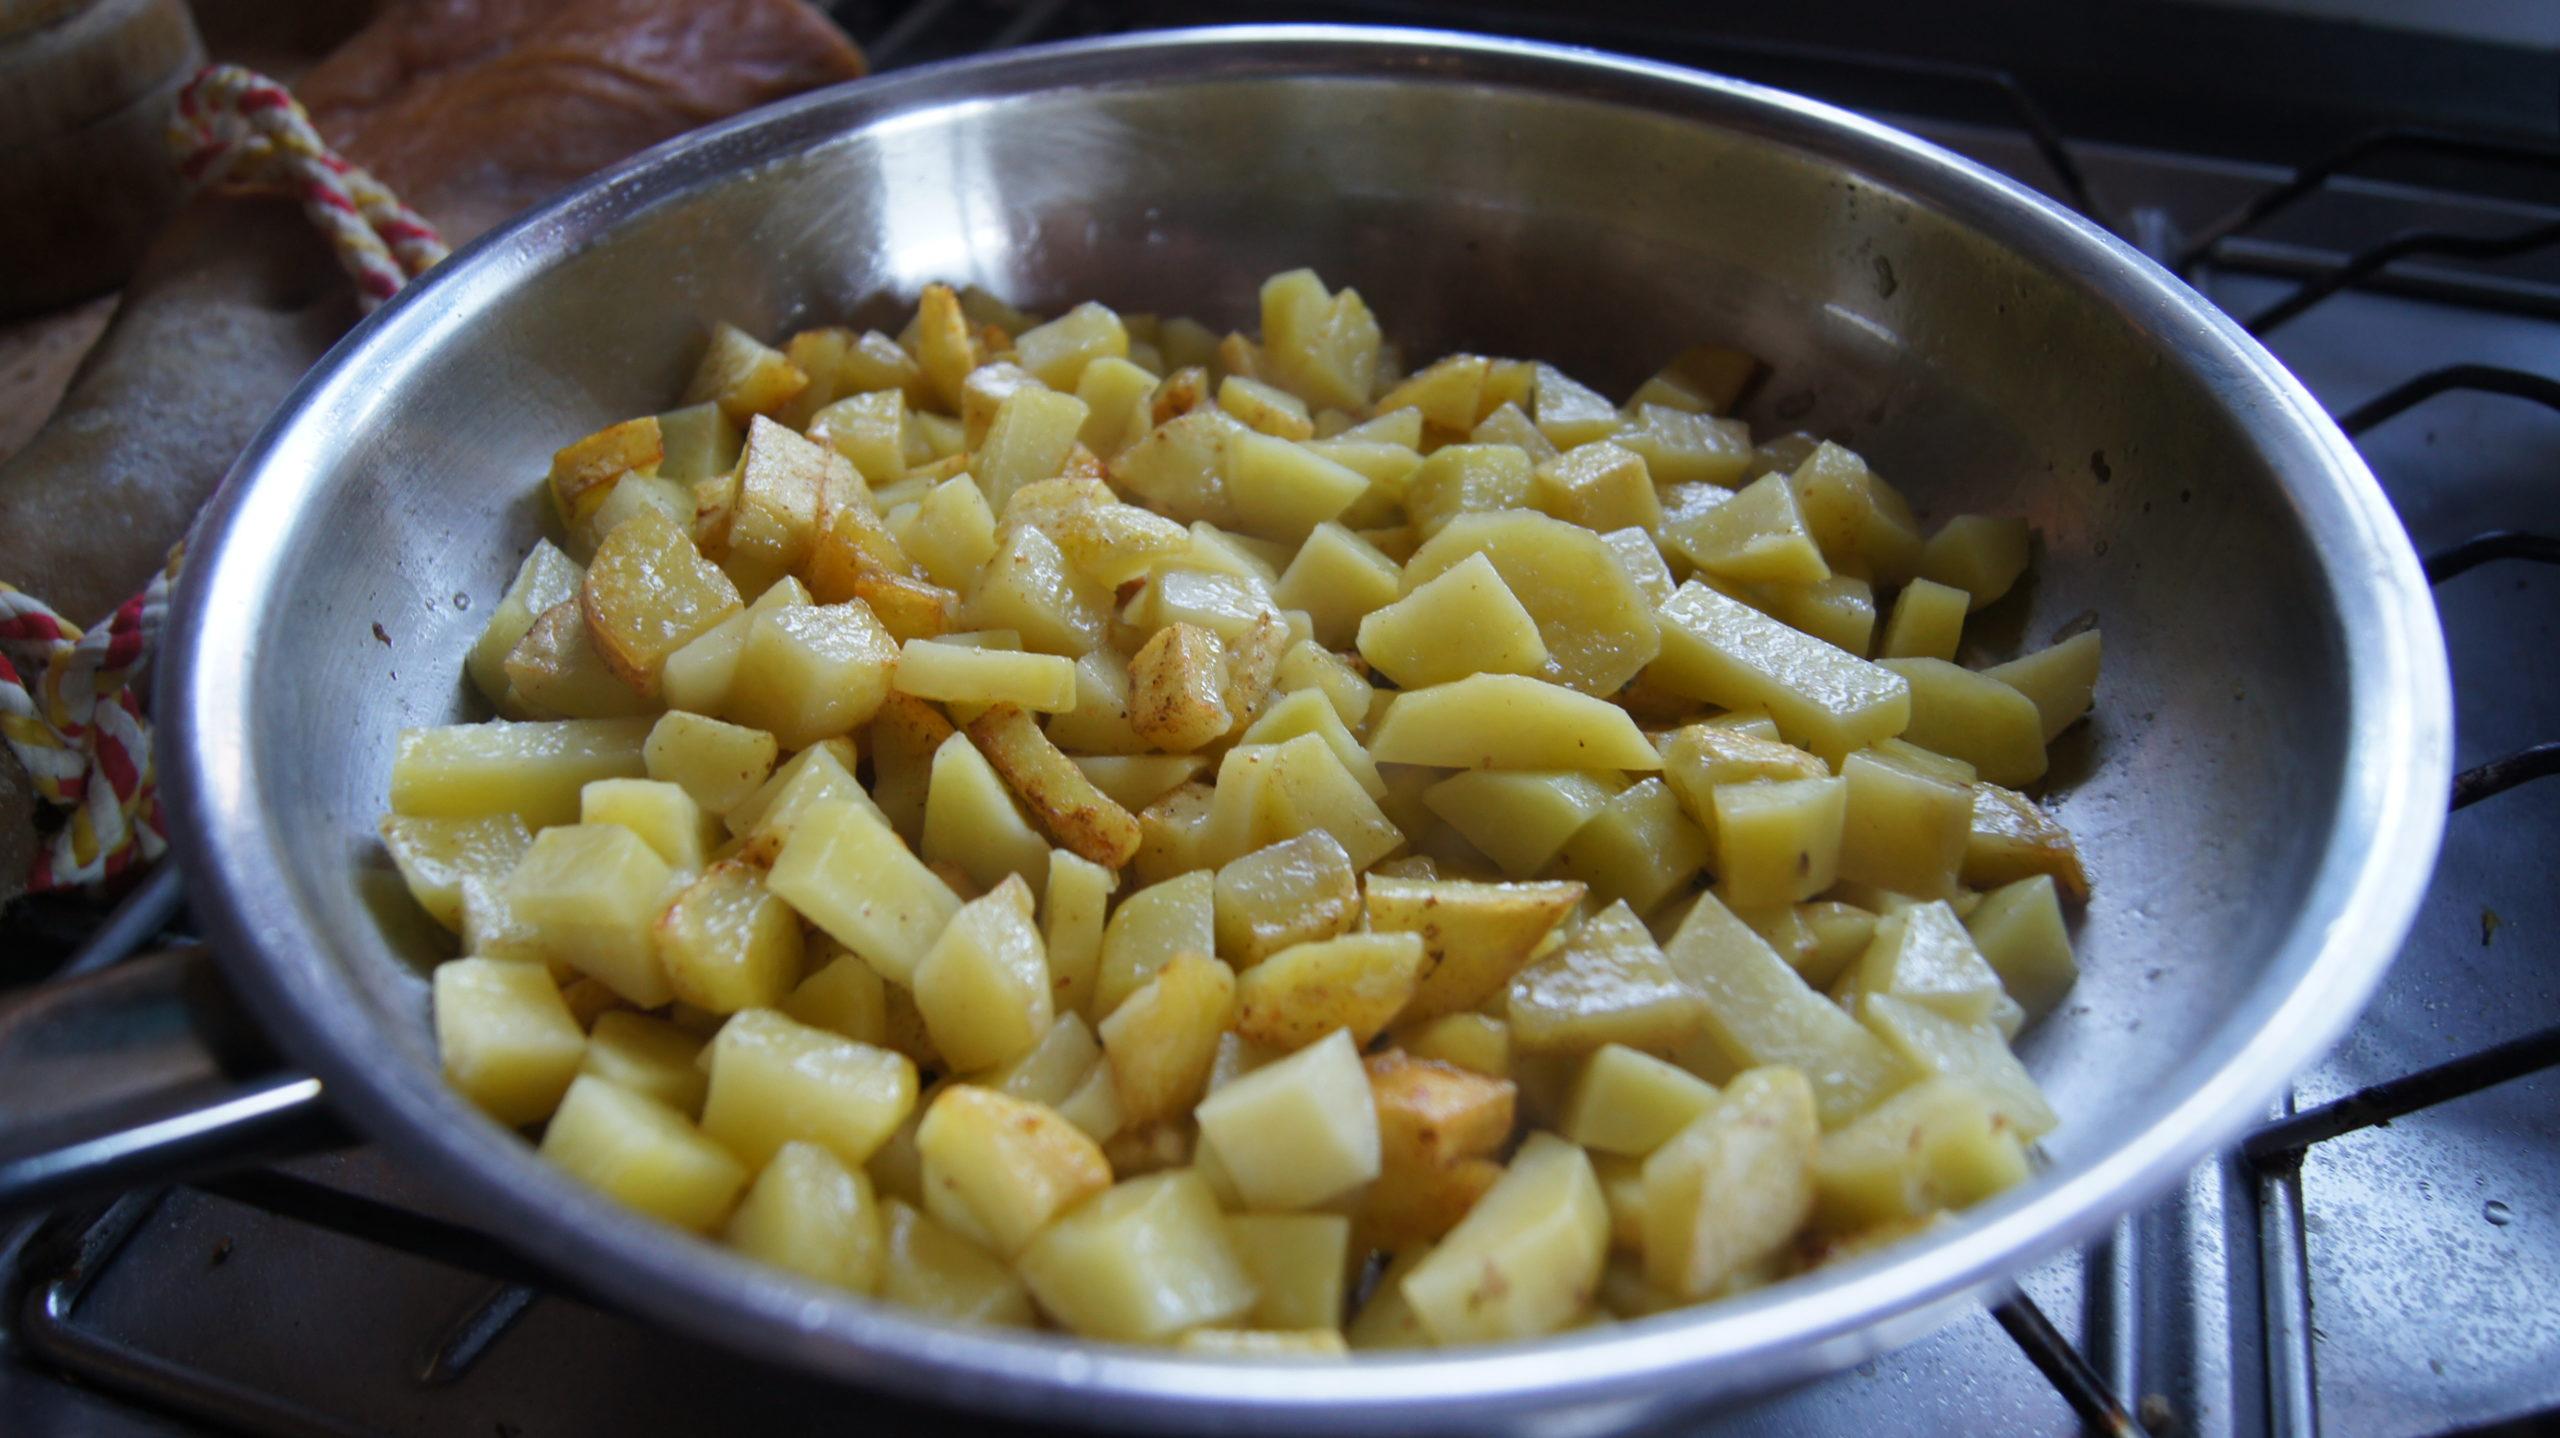 patates sautées